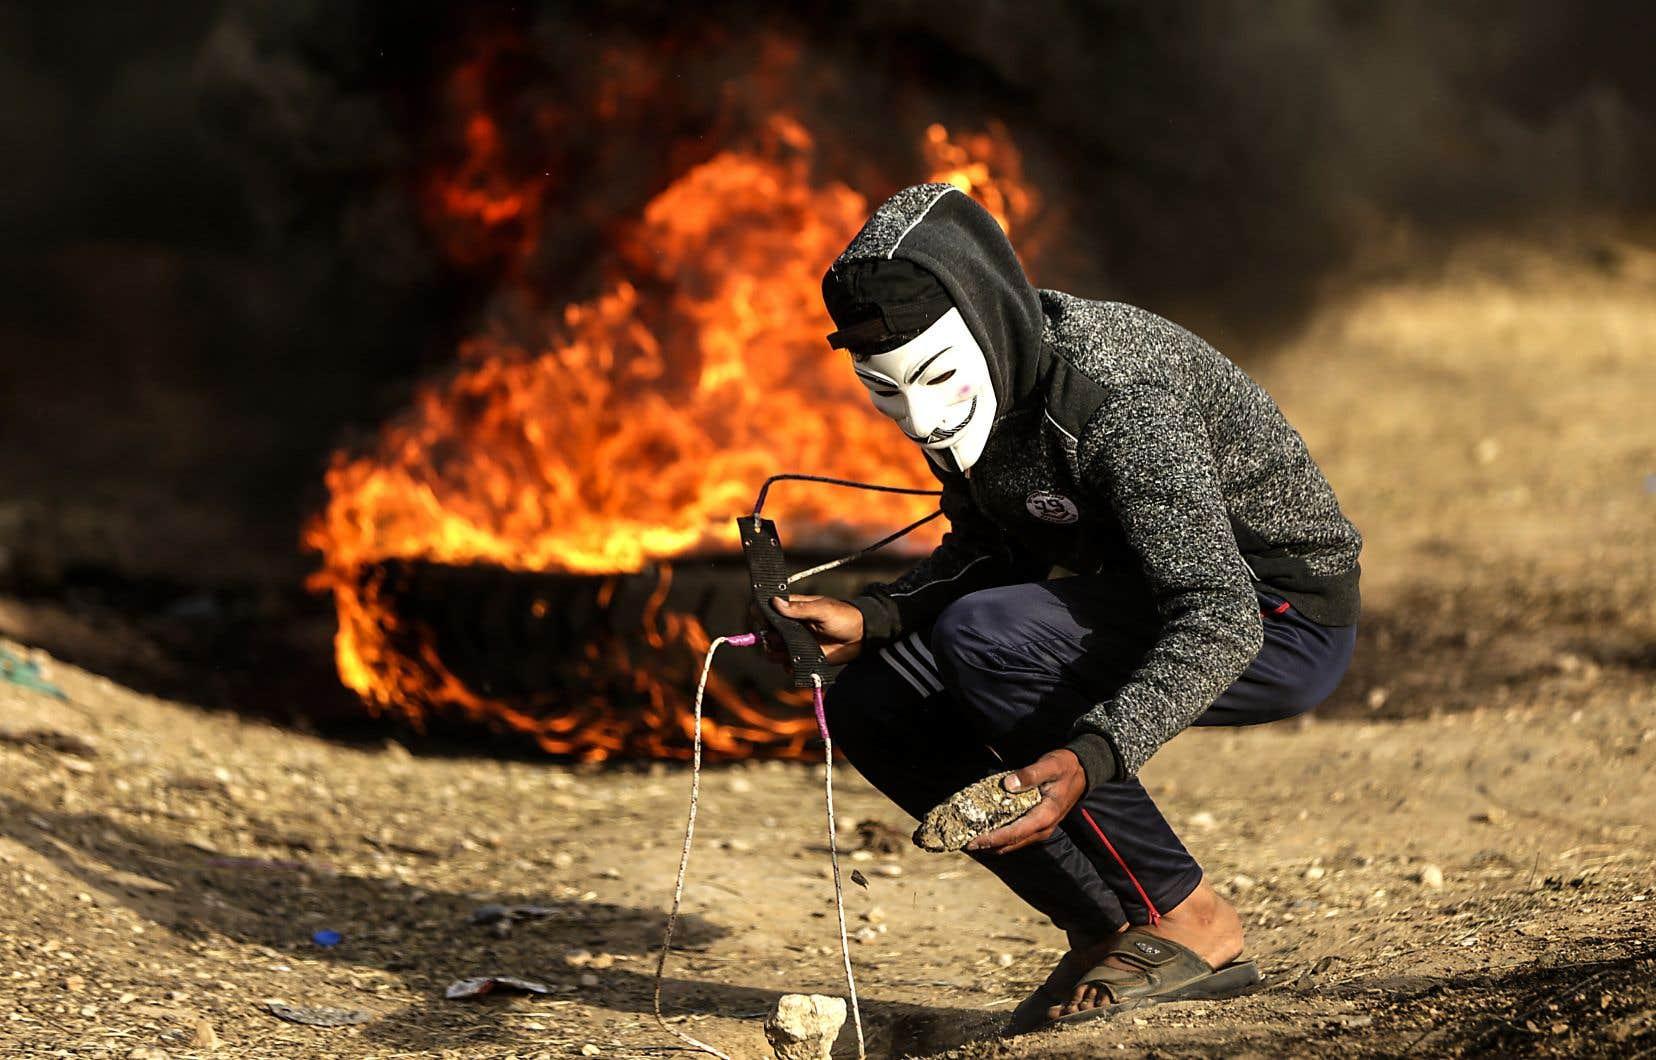 Selon l'armée israélienne, «environ 1000 émeutiers» se sont rassemblés le long de la frontière en lançant des pierres et des pneus enflammés.